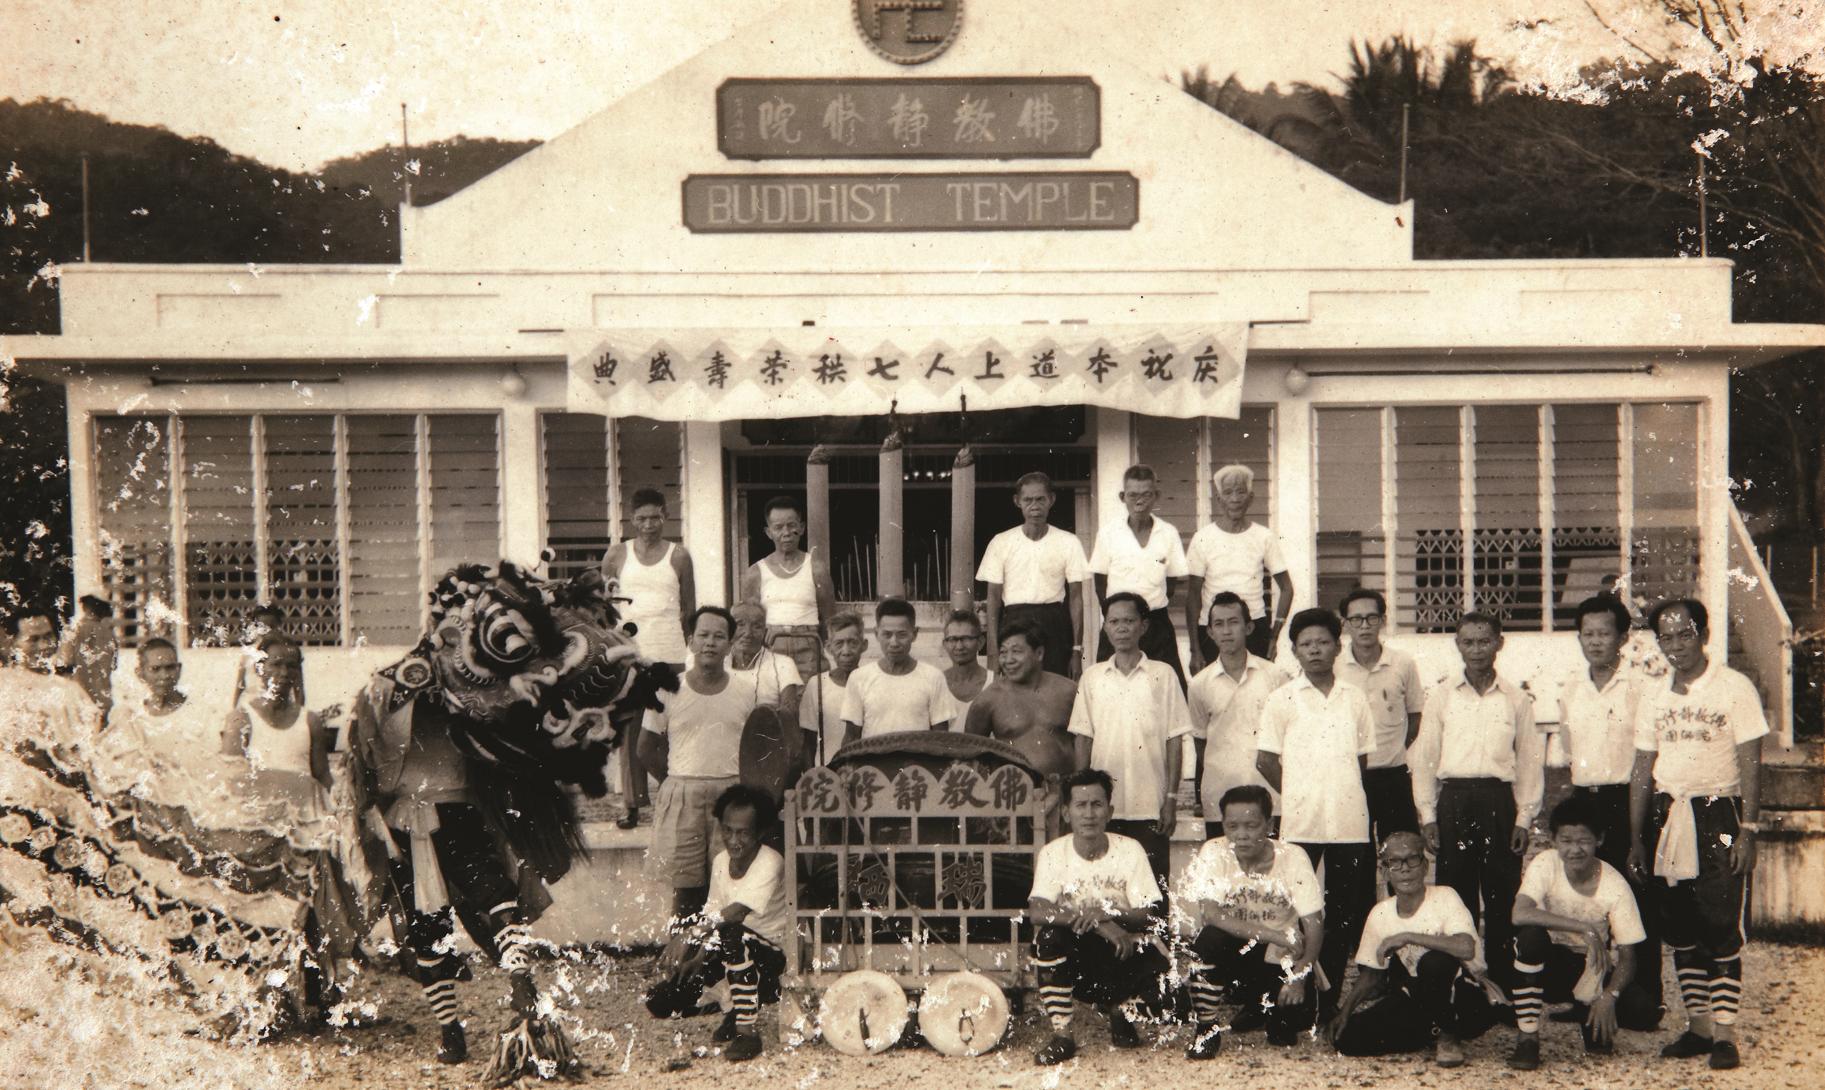 院民组团表演舞狮。(照片由双溪毛糯佛教静修院提供)